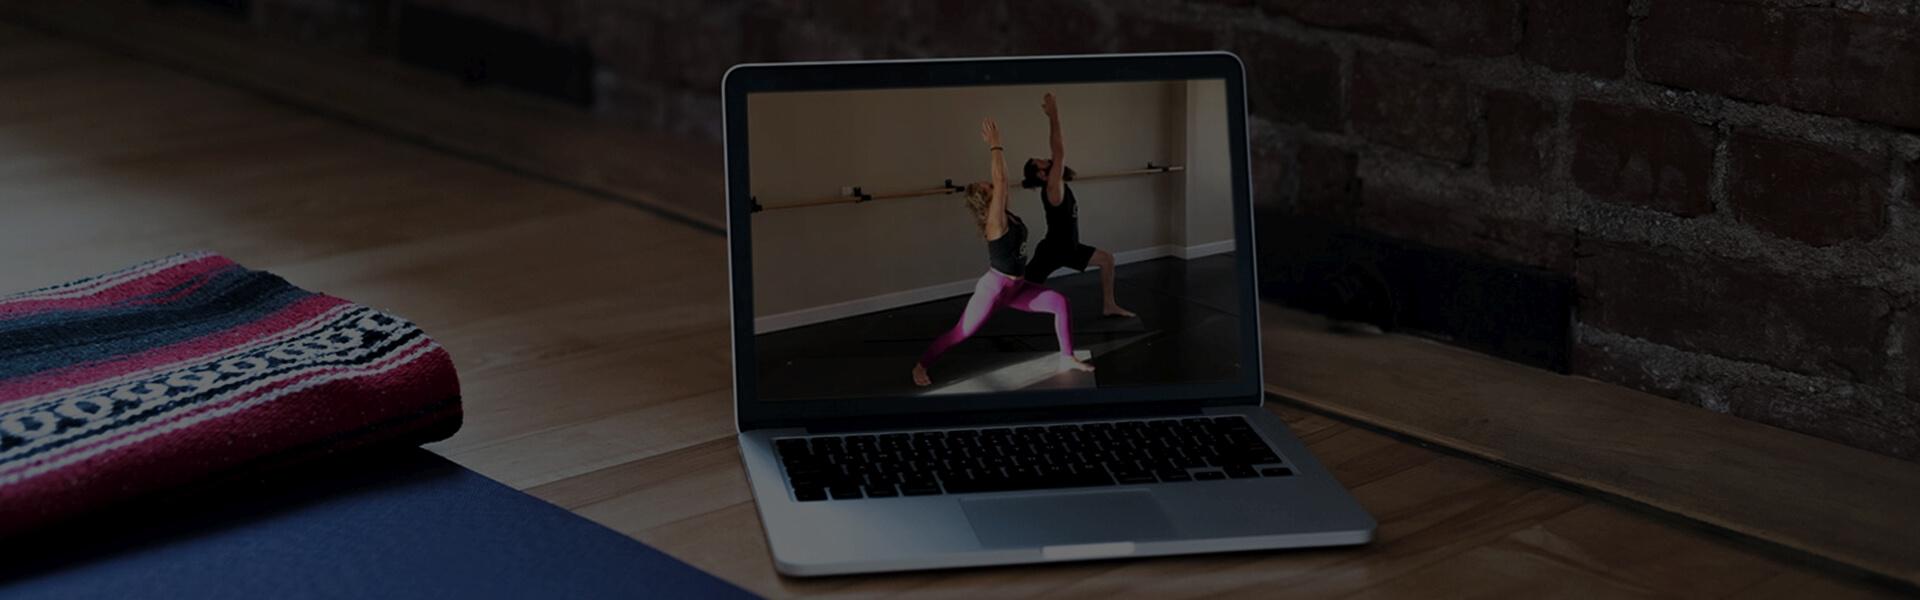 yoga online tyi goa